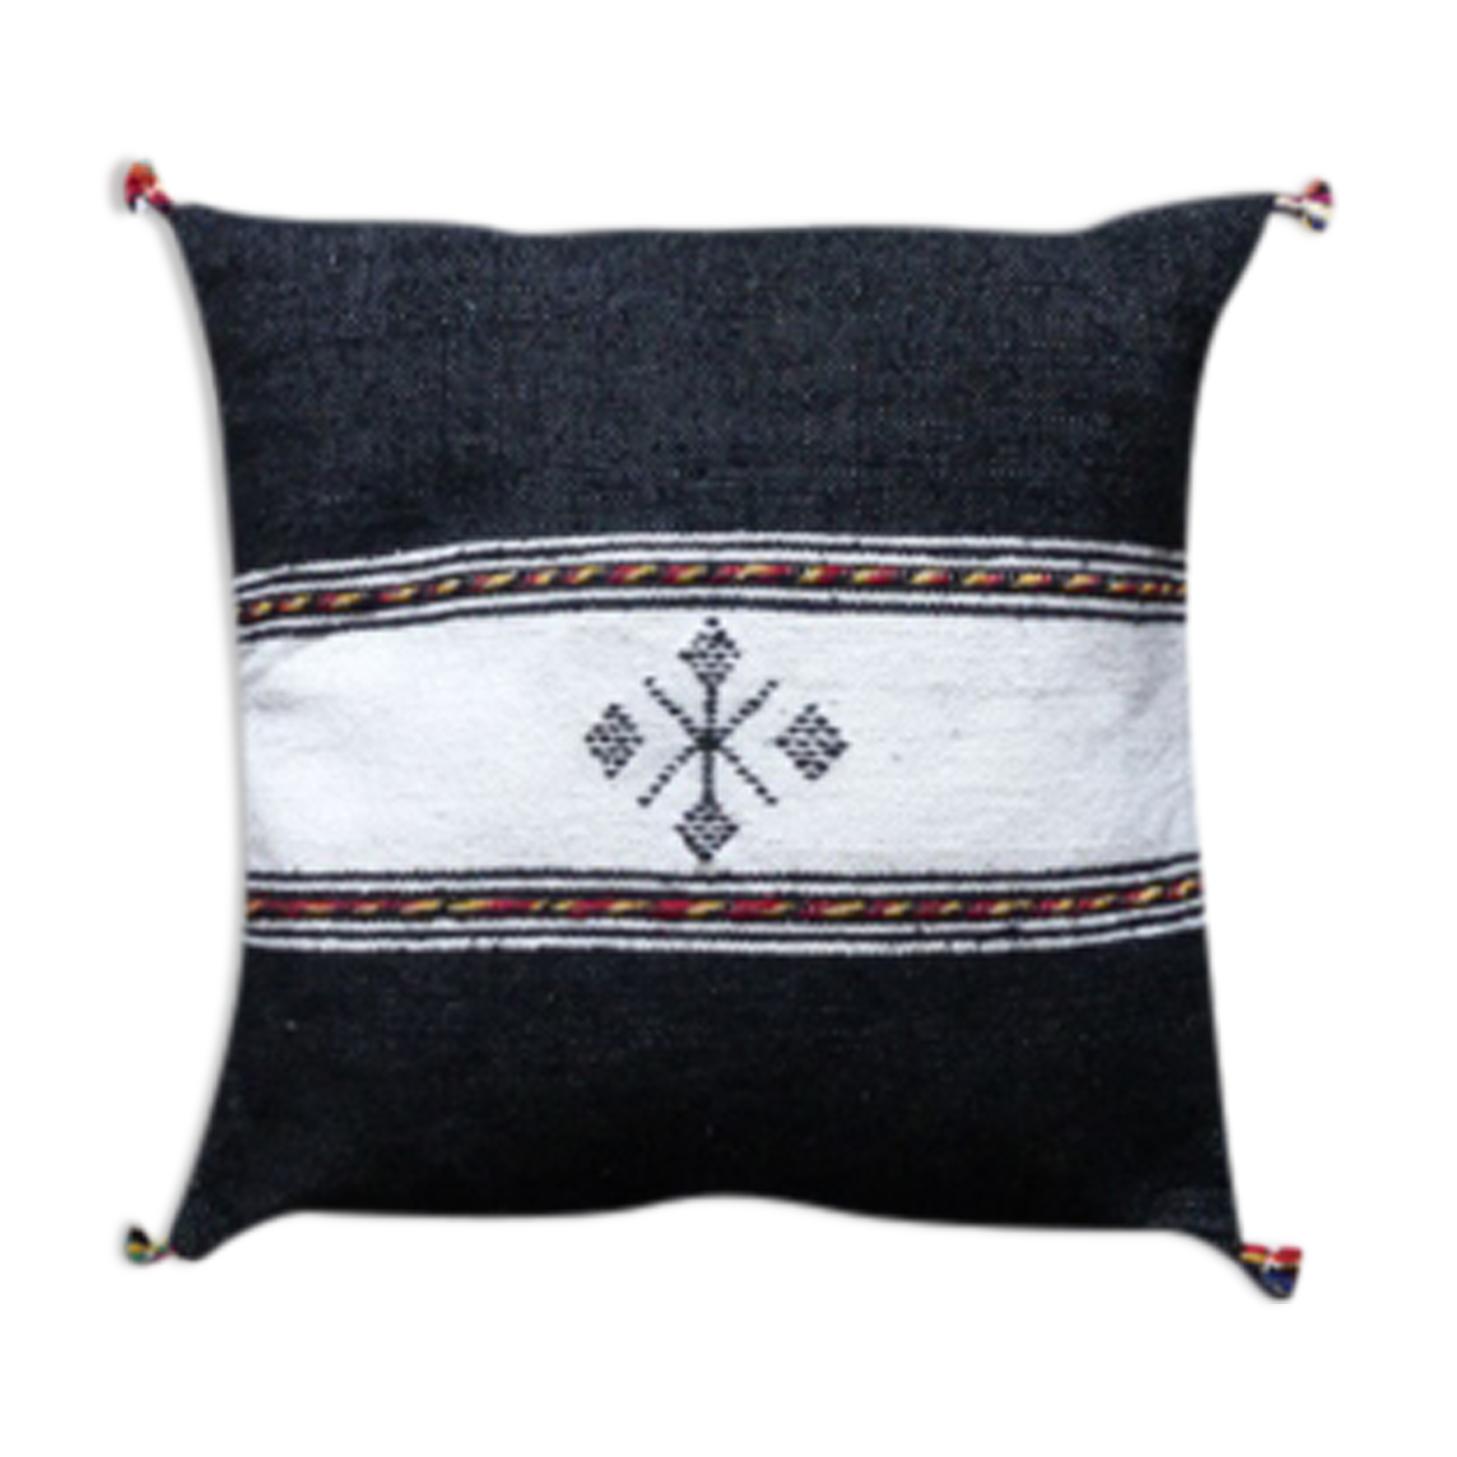 Coussin berbère marocain noir et blanc